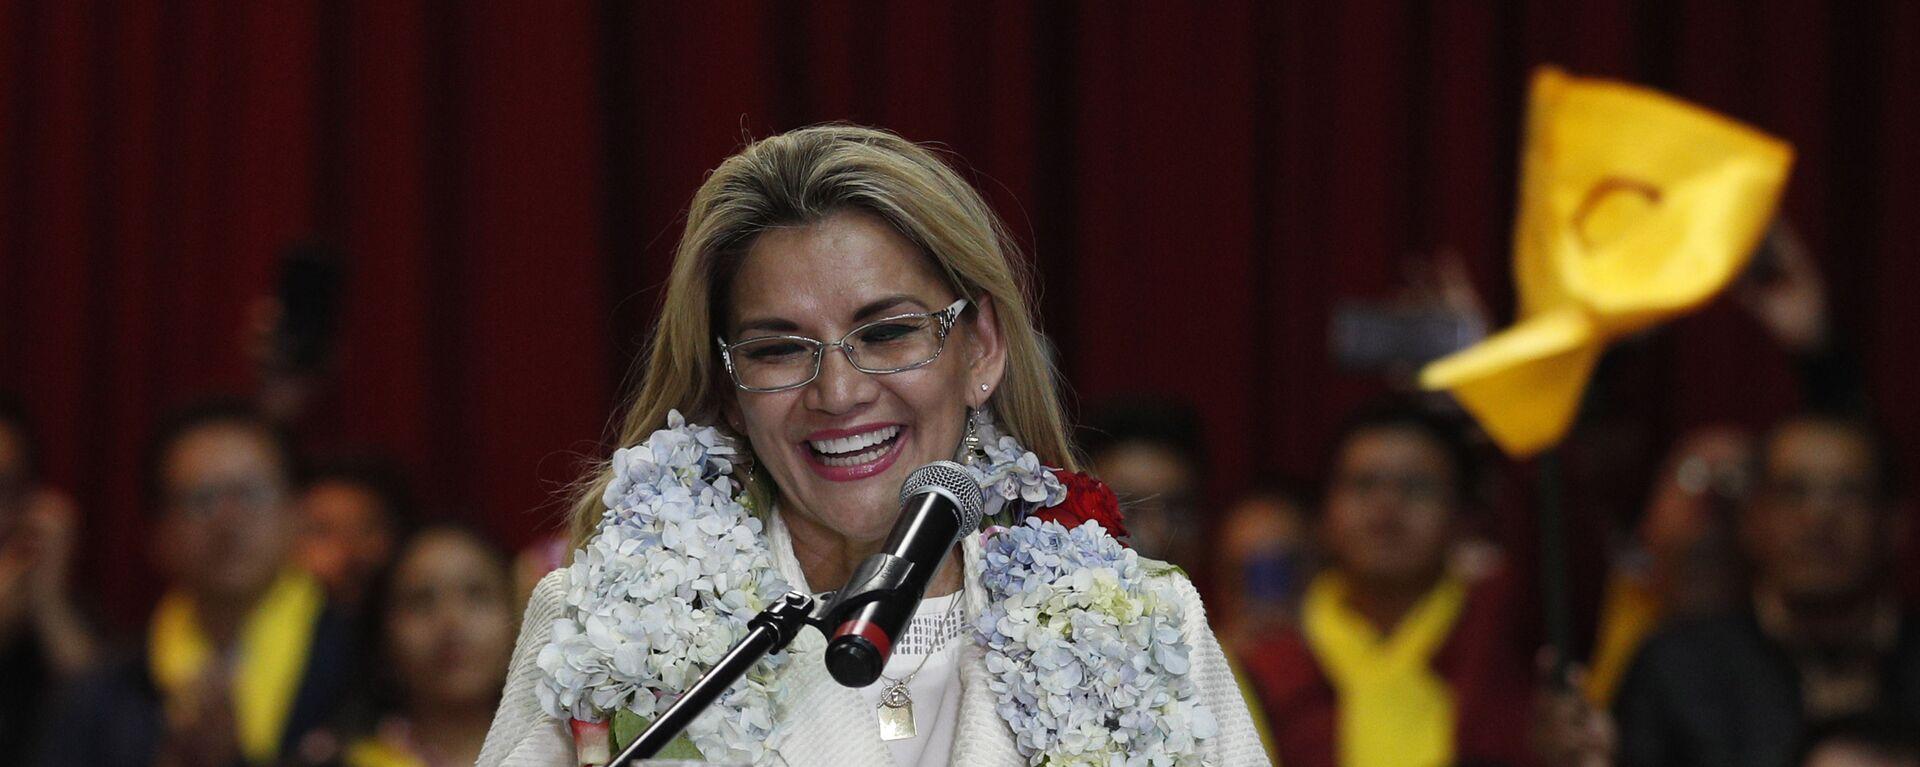 Jeanine Áñez, expresidenta de facto de Bolivia - Sputnik Mundo, 1920, 03.12.2020